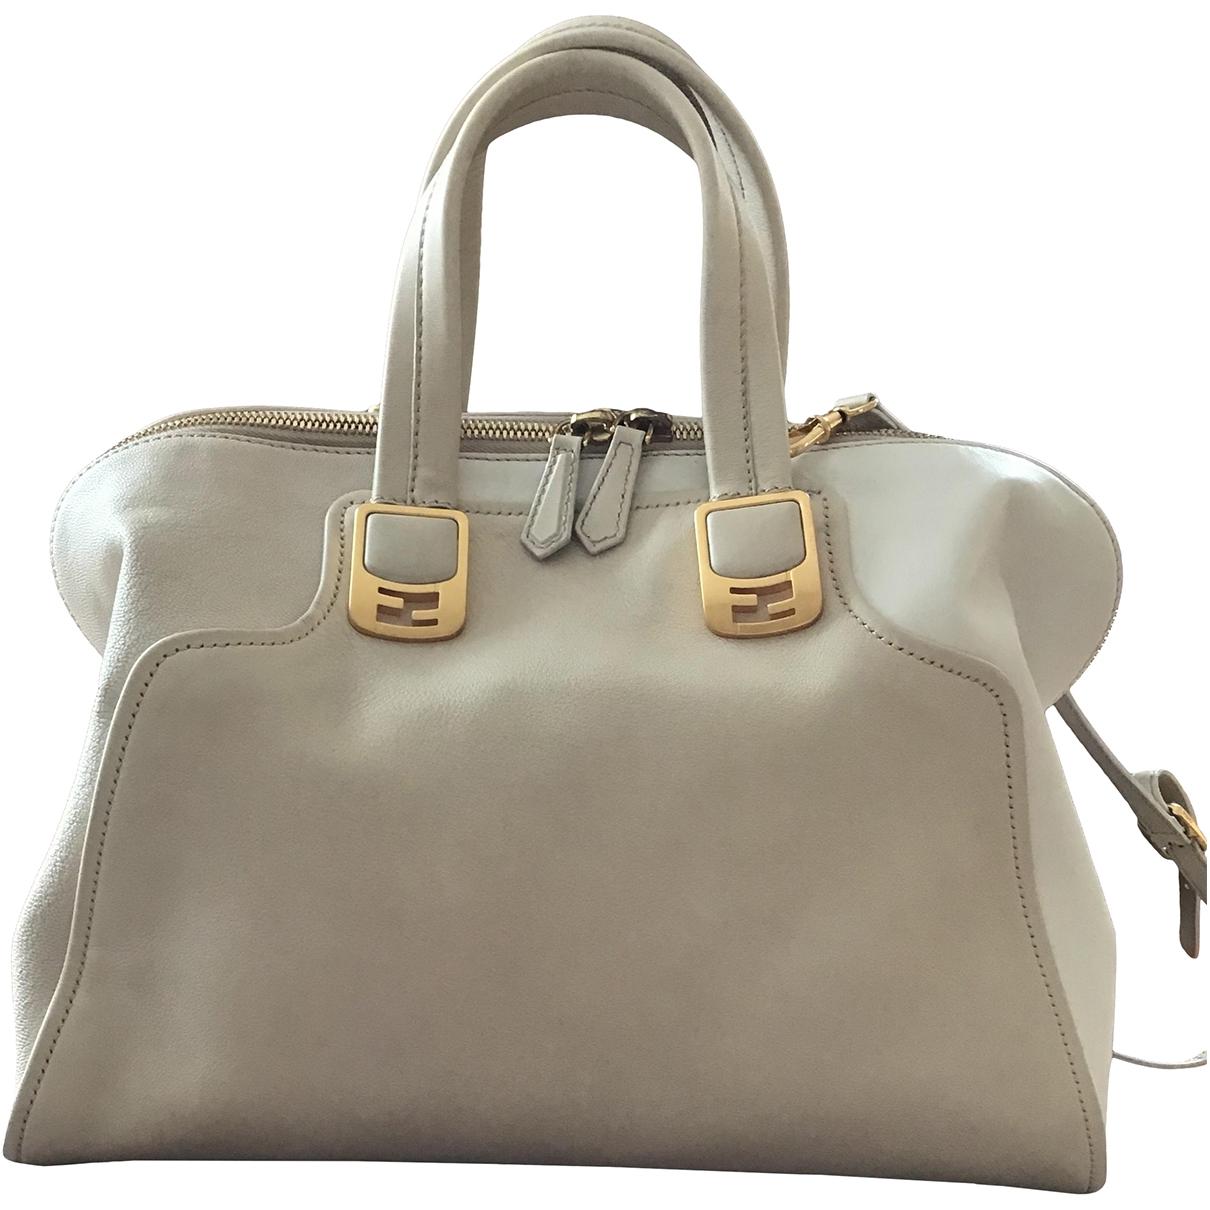 Fendi Chameleon Beige Leather handbag for Women \N